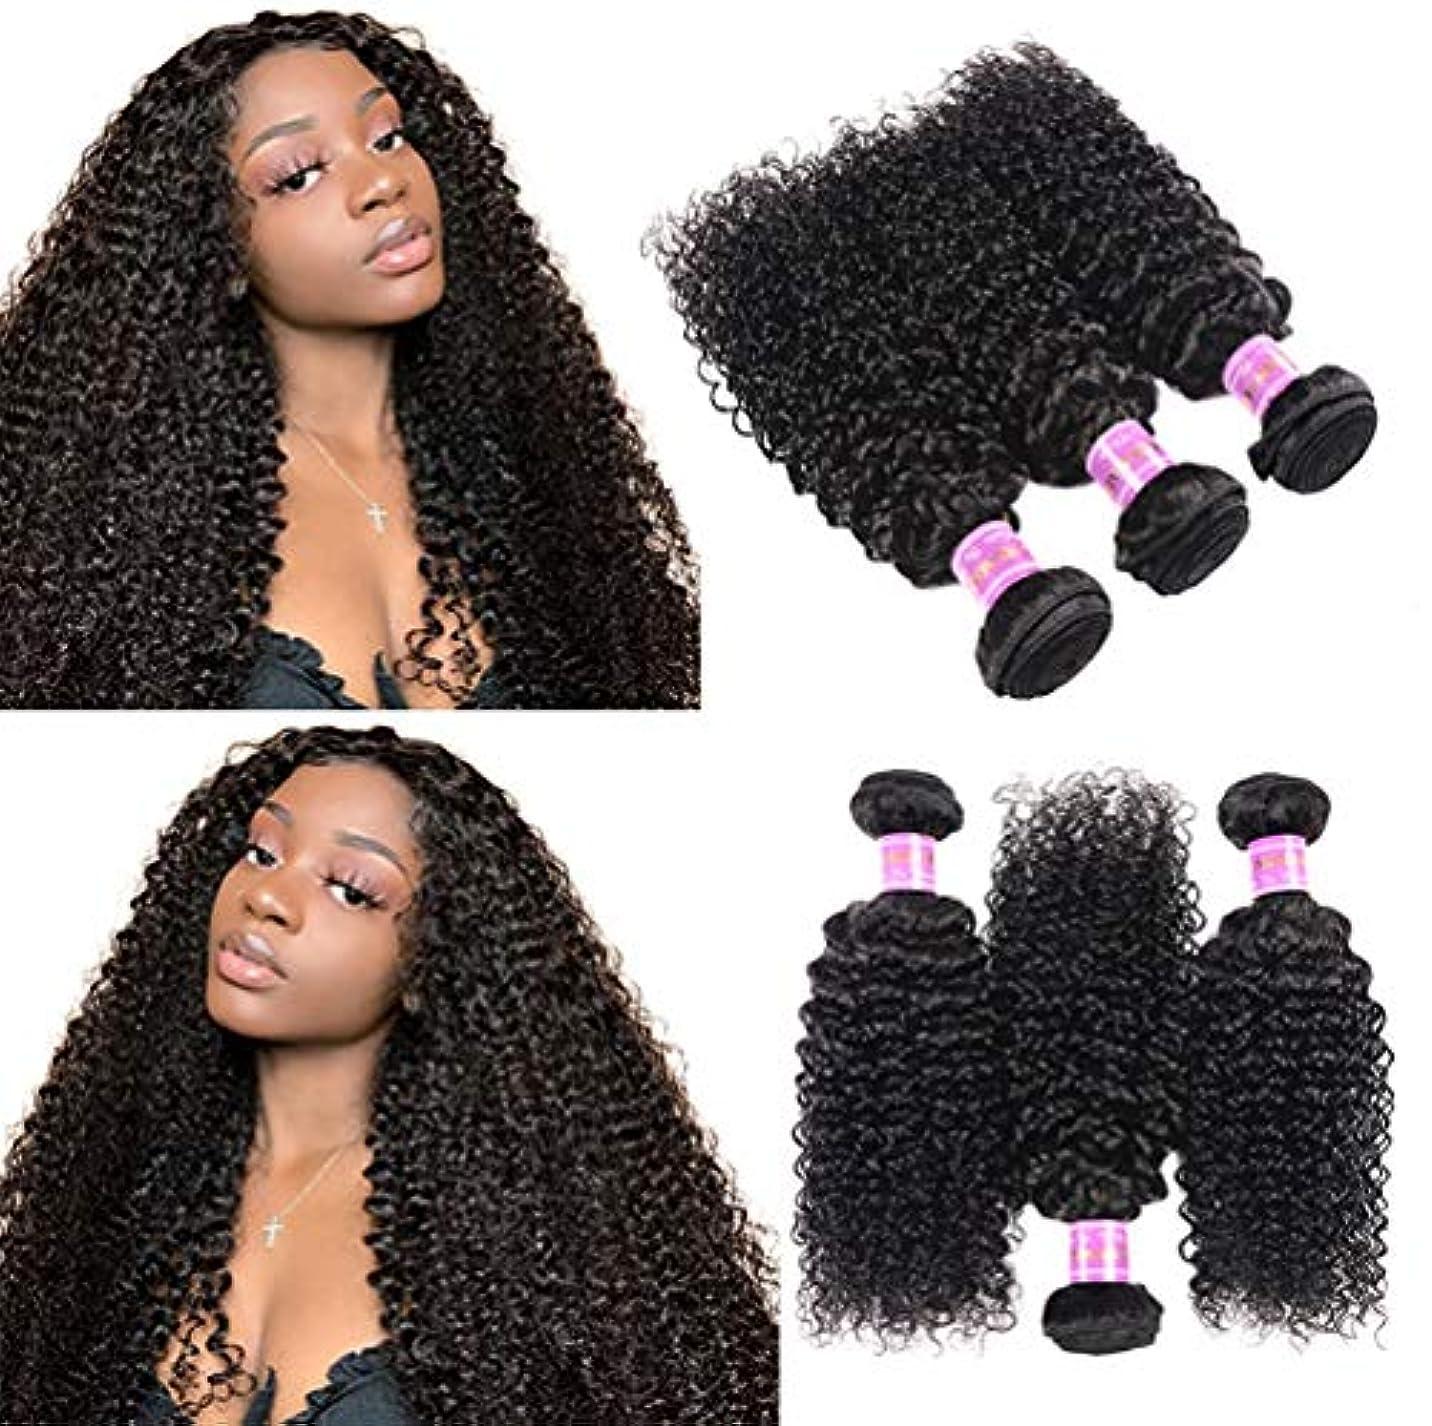 無直接楽な女性ブラジルのボディウェーブの毛の束ブラジルのボディウェーブバージンの毛100%未処理の二重よこ糸の人間の毛髪延長(3束)